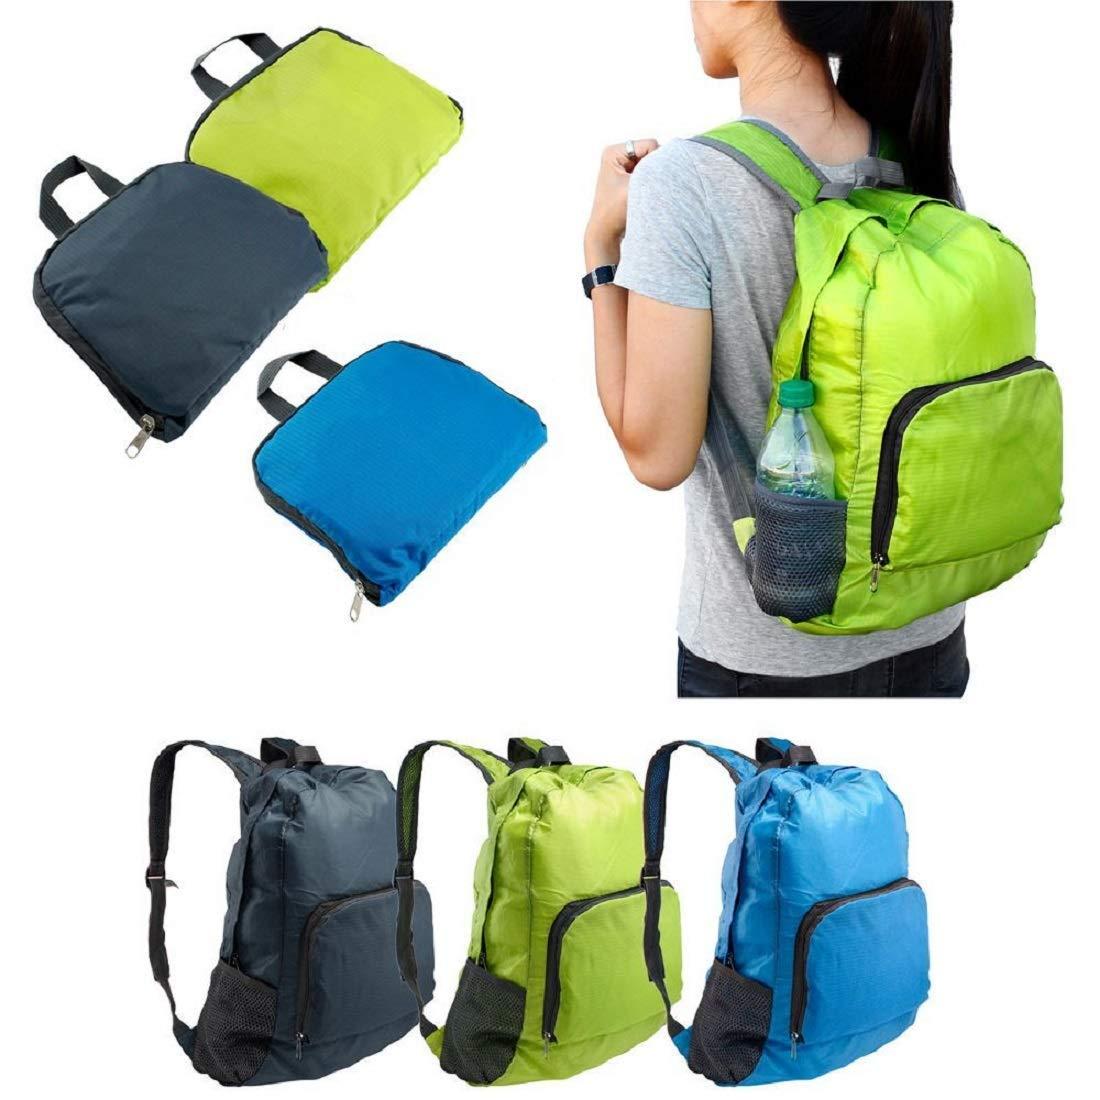 LightWeight Foldable Travel Backpack Bag